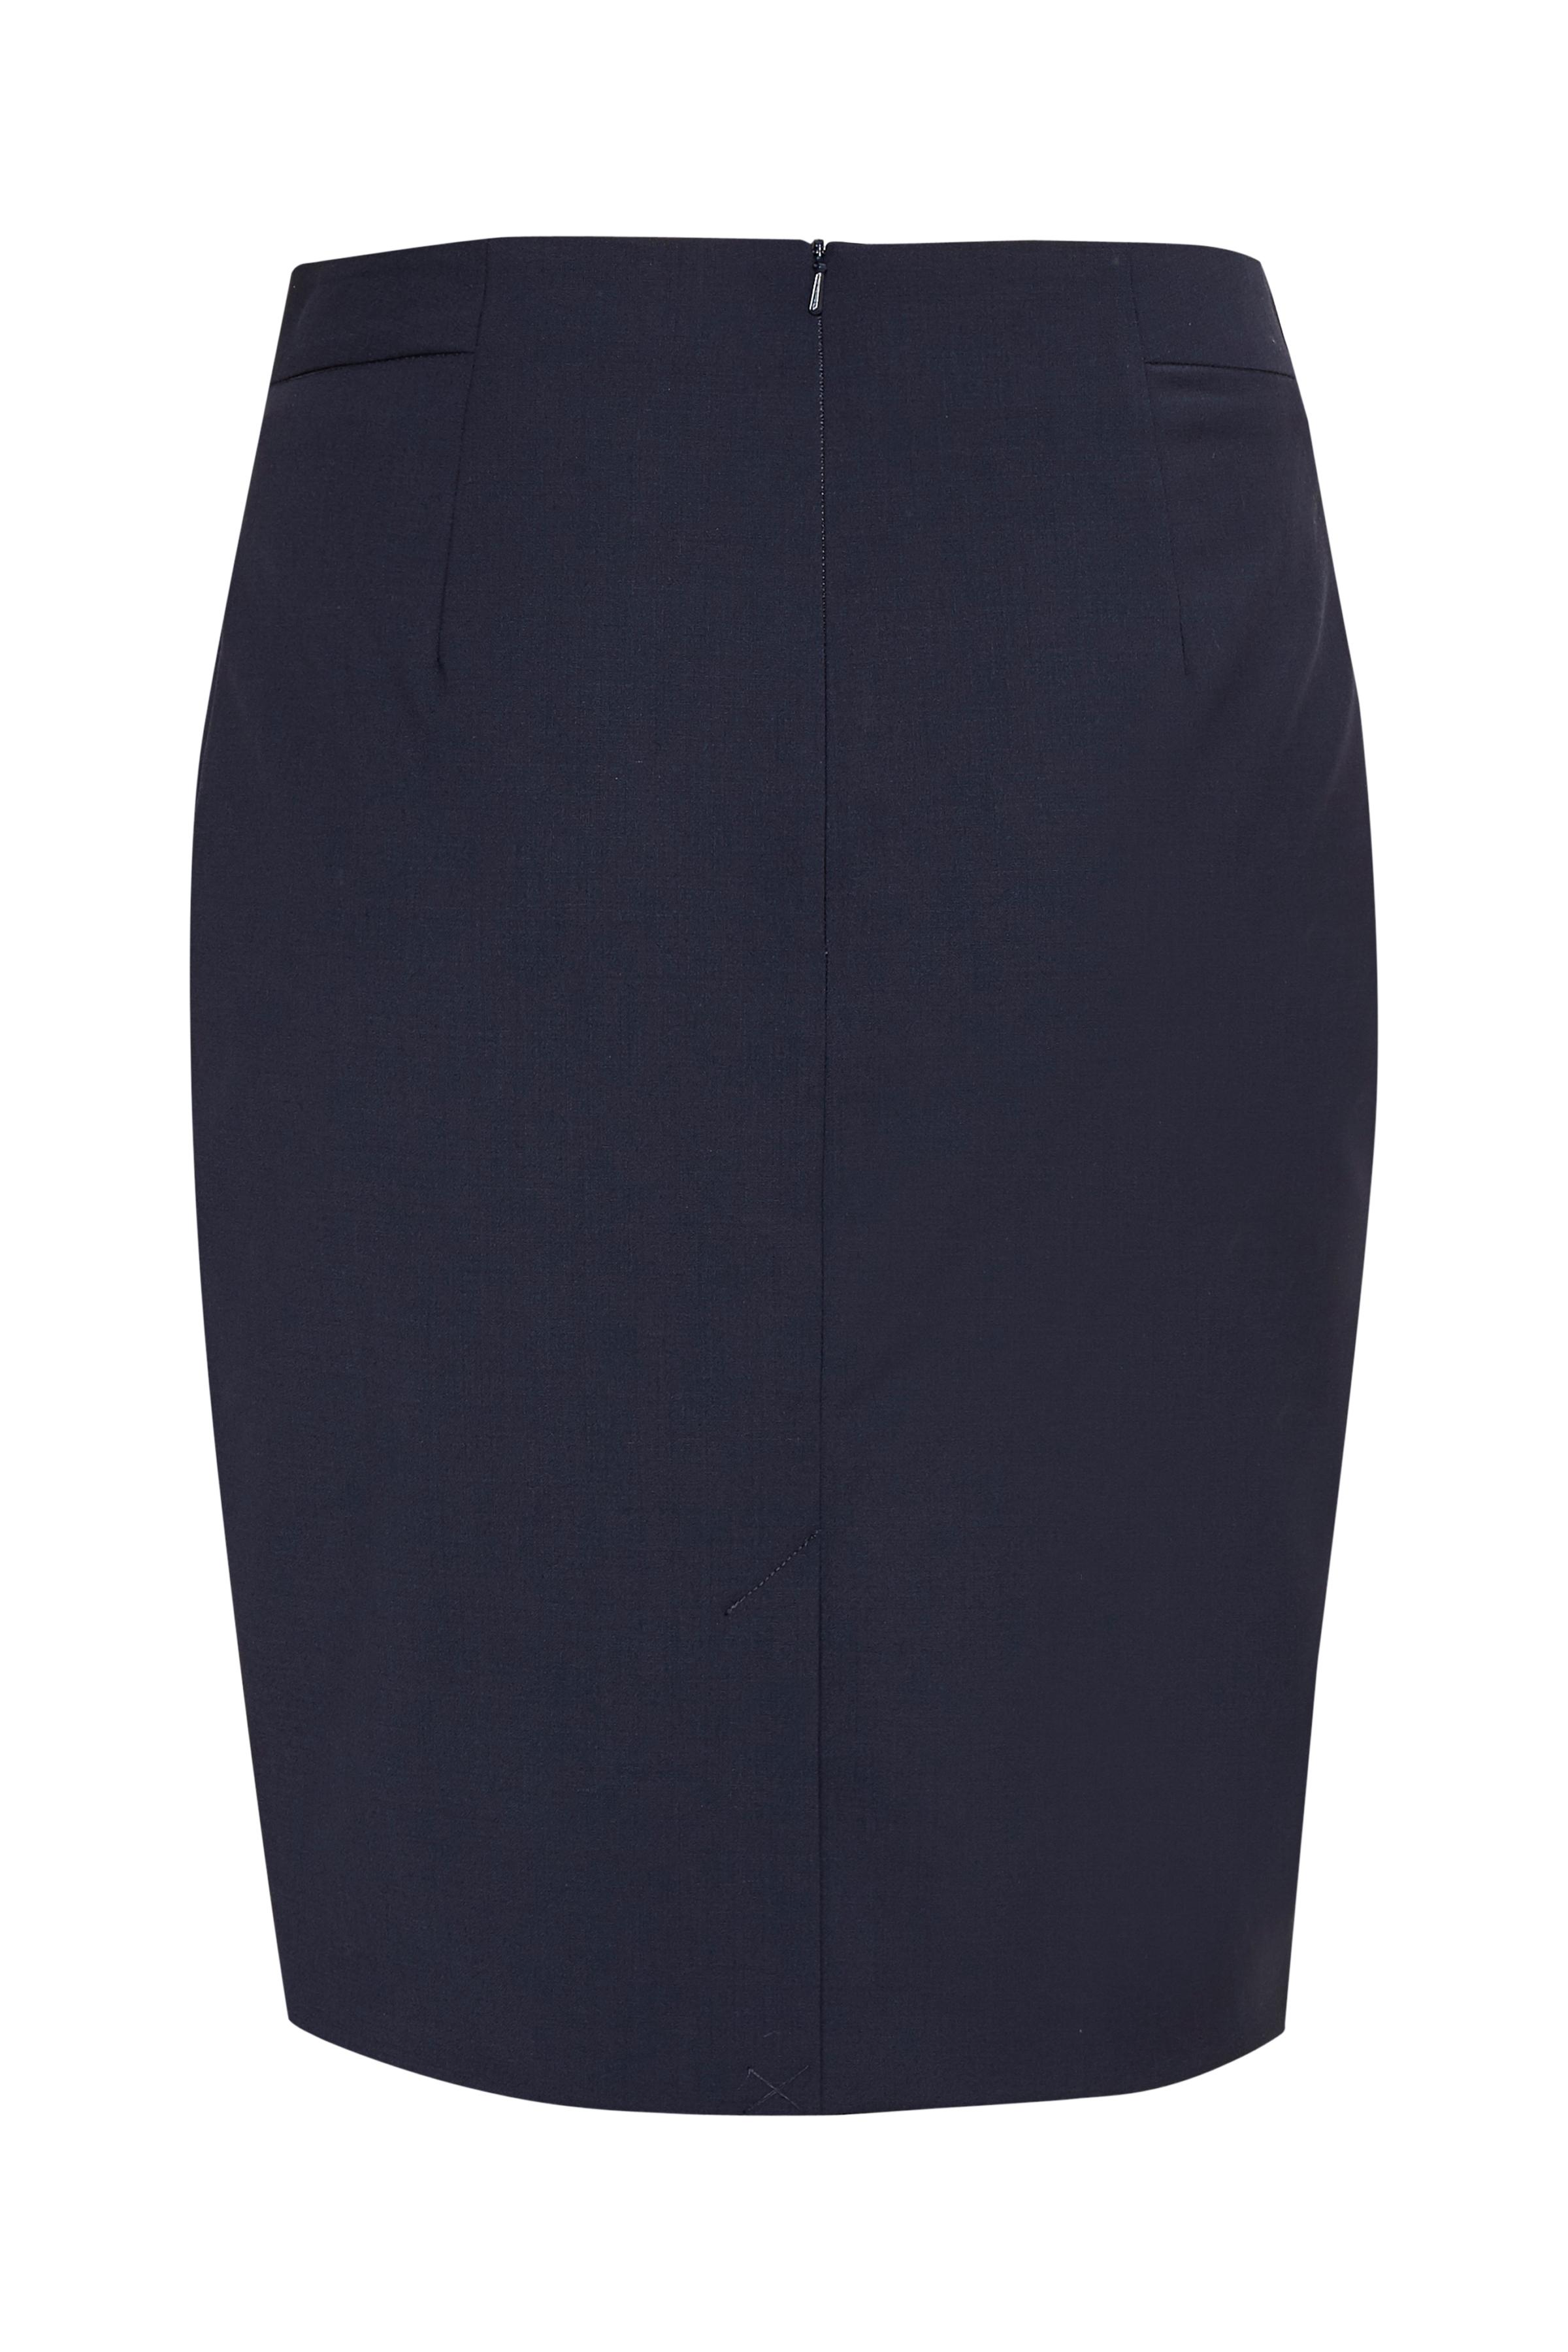 Marine Blue Nederdele – Køb Marine Blue Nederdele fra str. 32-46 her